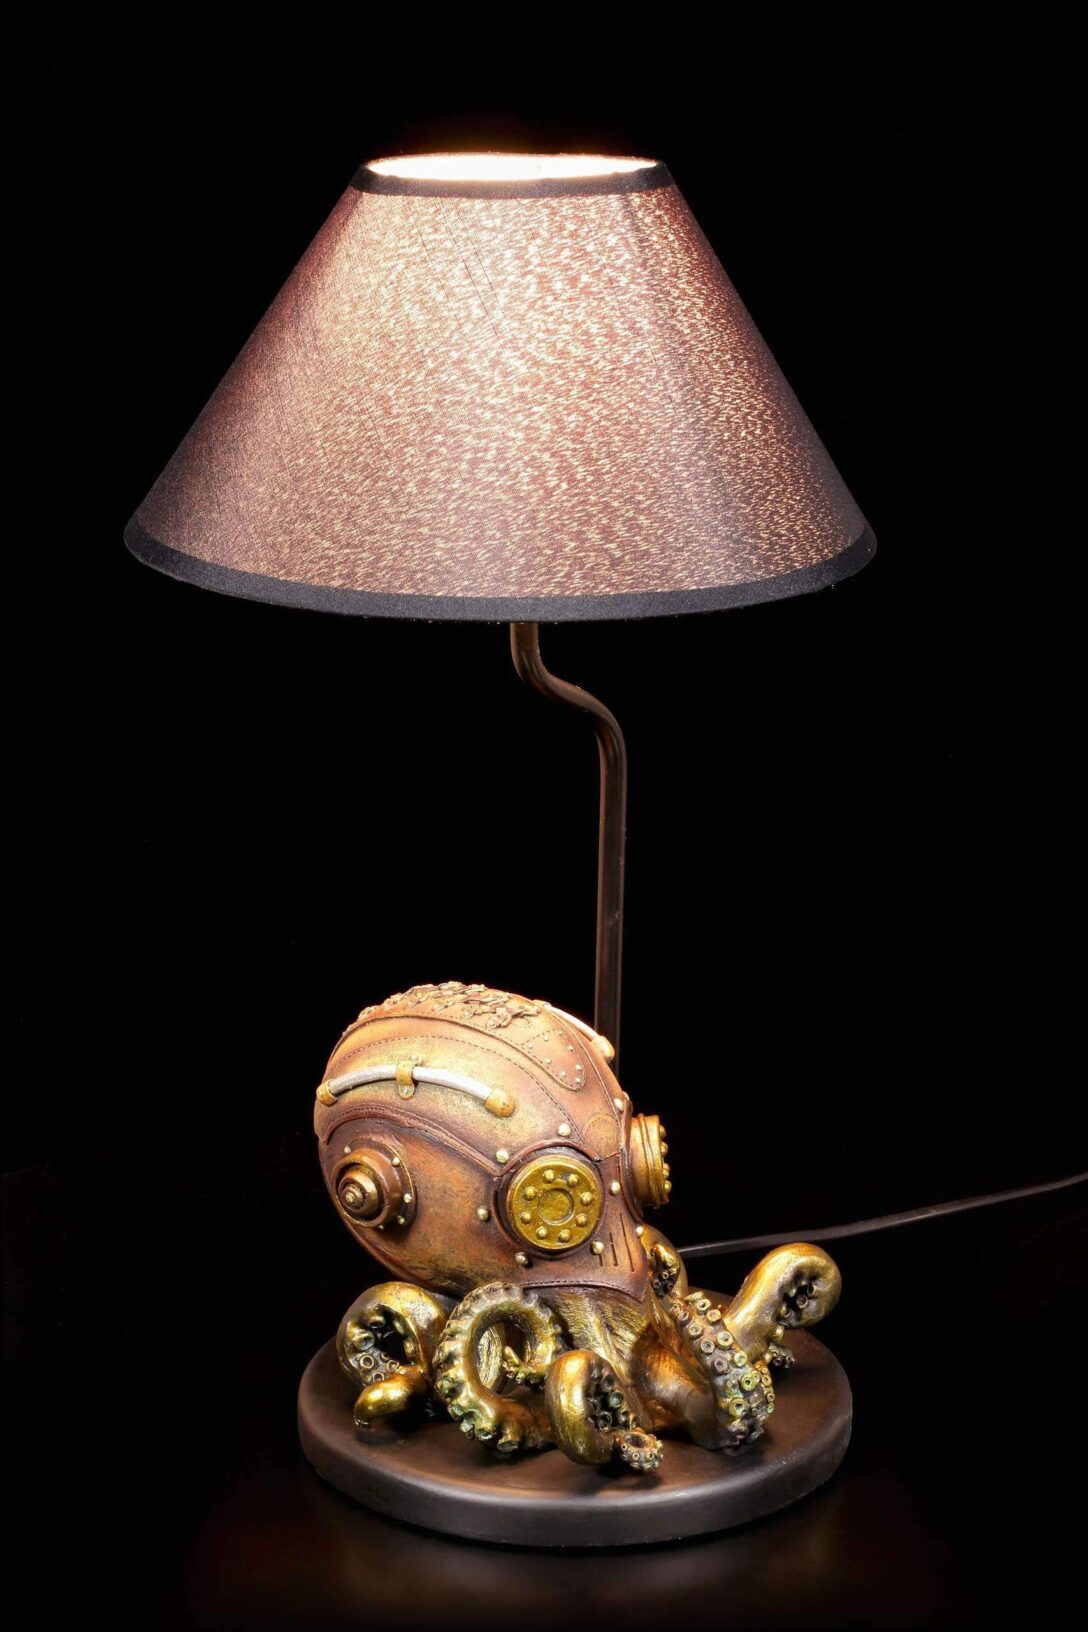 Large Size of Designer Lampen Wohnzimmer Led Lampe Neu Spots Luxus Gardine Deckenleuchte Fototapeten Deko Deckenlampe Deckenlampen Modern Landhausstil Tisch Wandbild Regale Wohnzimmer Designer Lampen Wohnzimmer